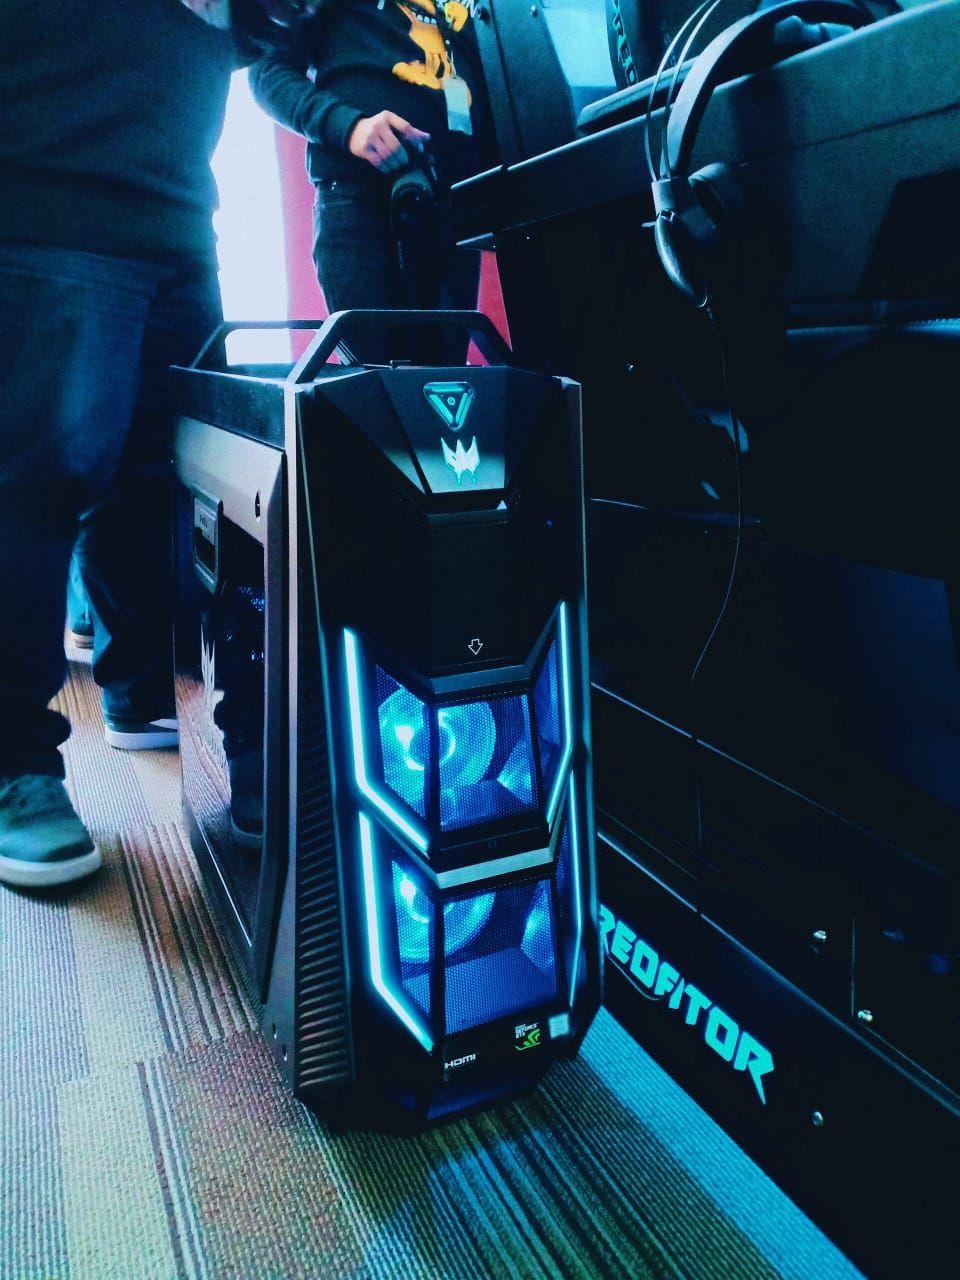 dd45e7c5509 Predator Thronos: Kursi Gaming Dari Acer Yang Harganya Lebih Mahal Dari  Mobil - Semua Halaman - Hai.Grid.ID